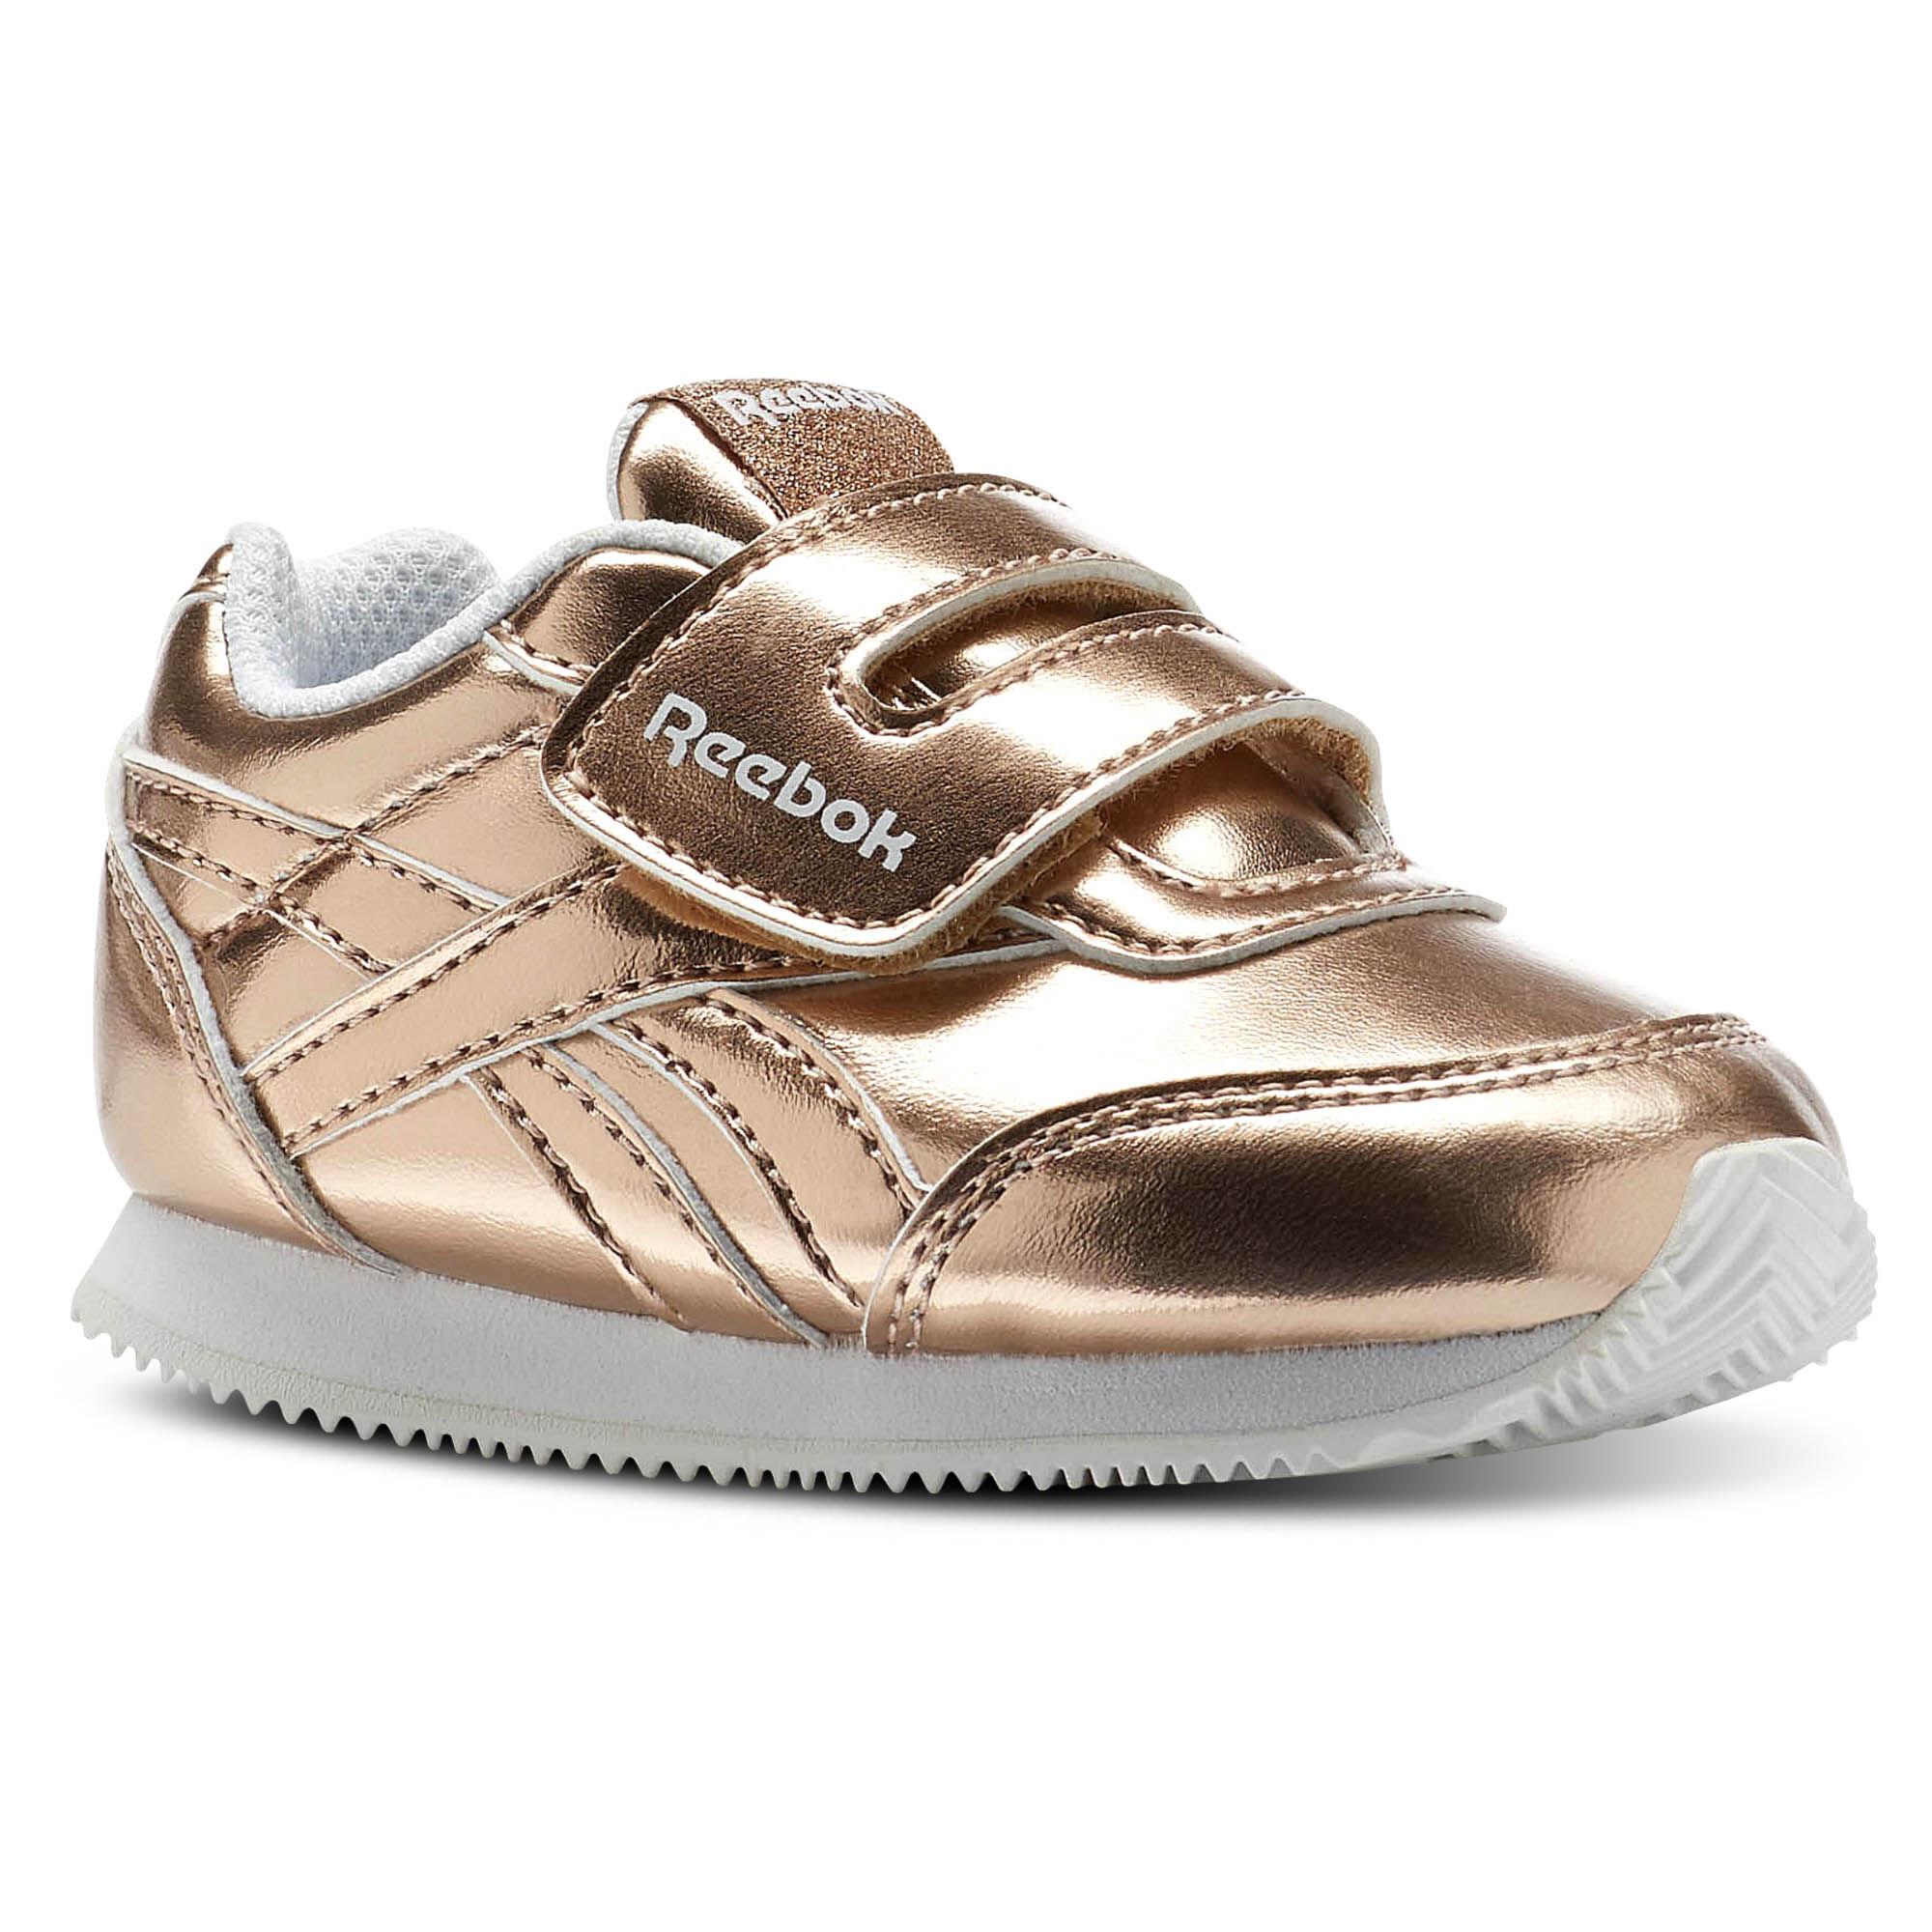 Buy reebok shaq shoes history > 63% off!